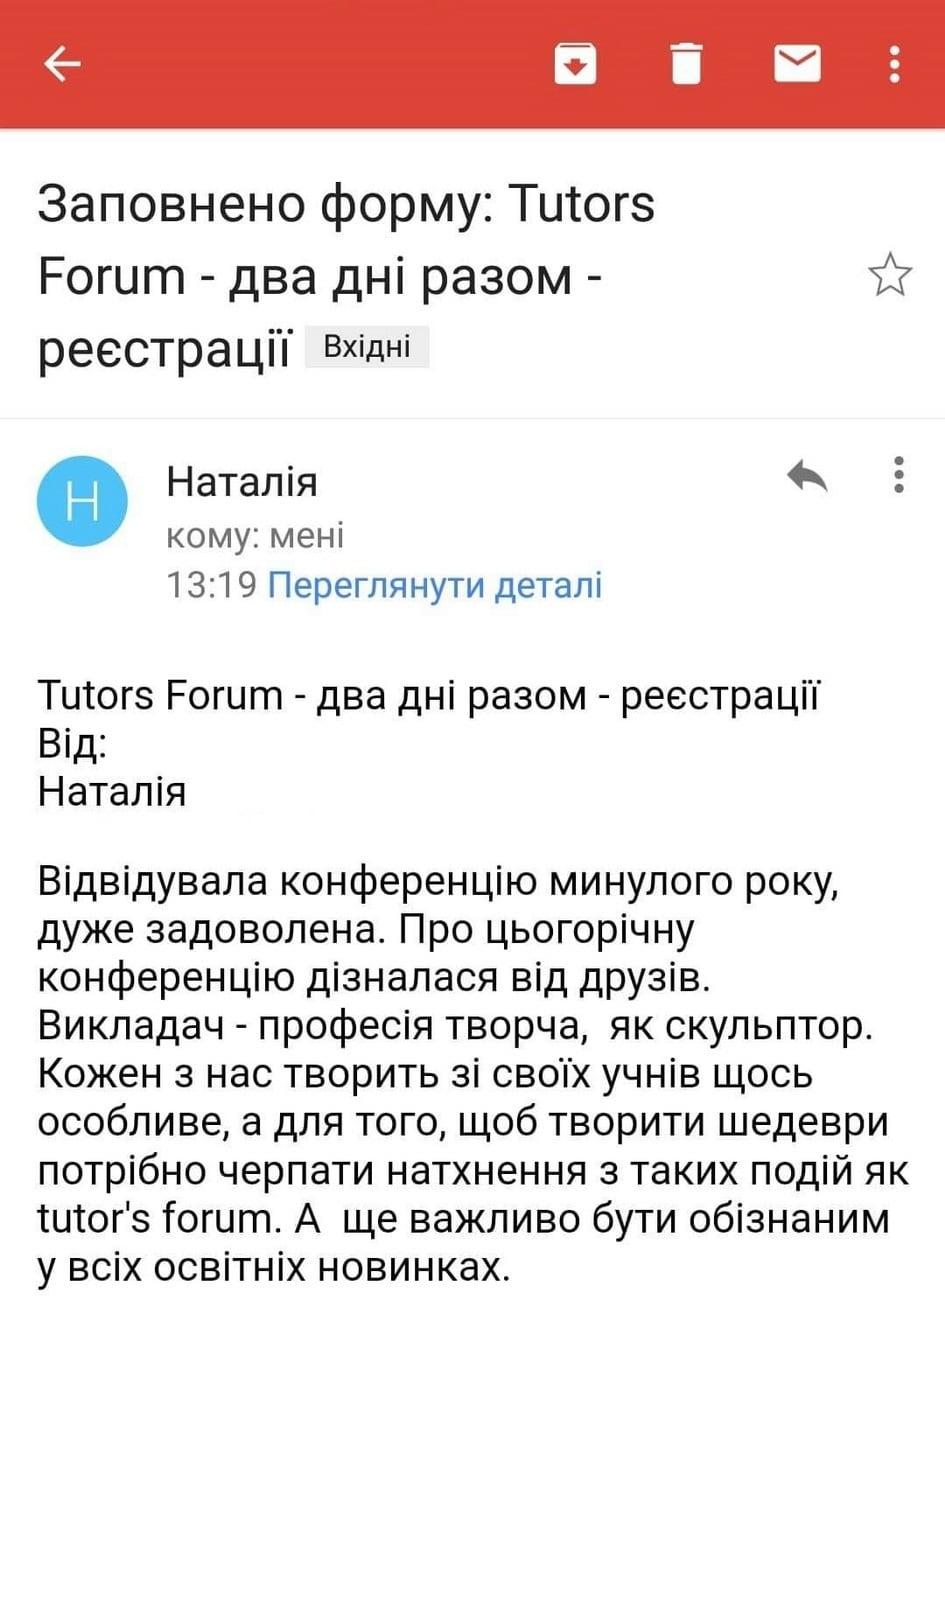 vidhuk-tf-9-min